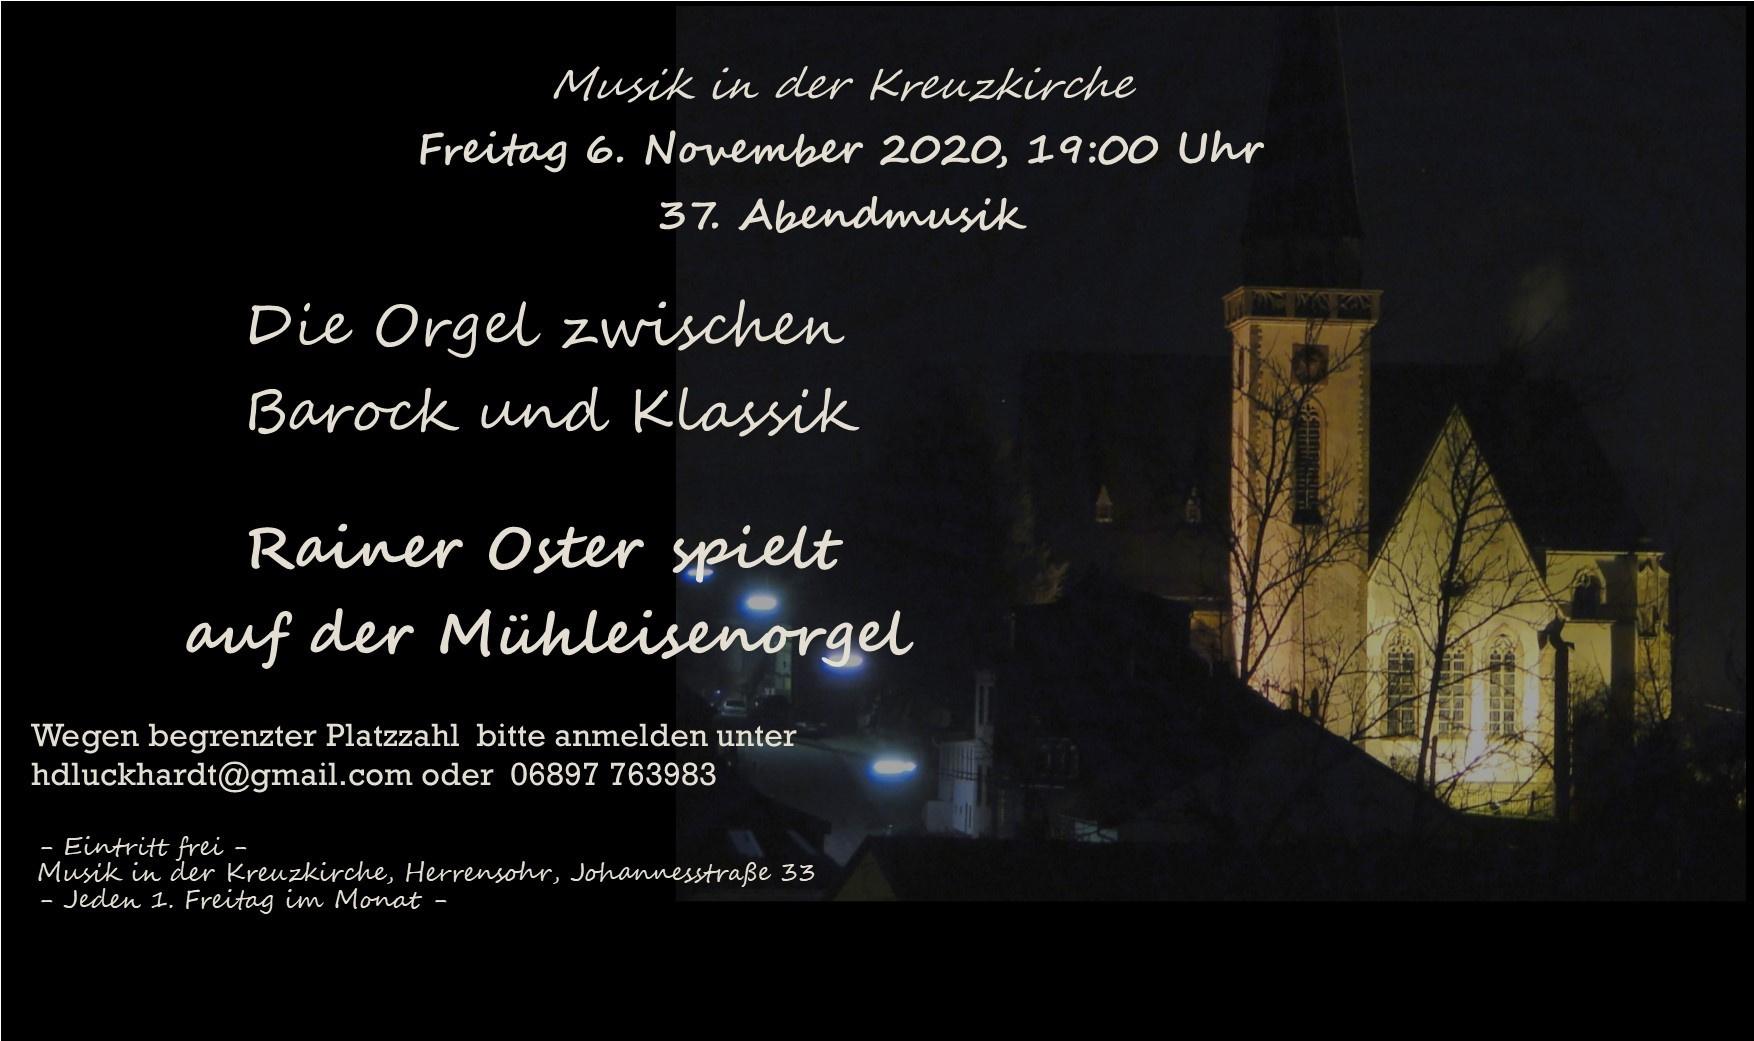 37. Abendmusik: Die Orgel zwischen Barock und Klassik